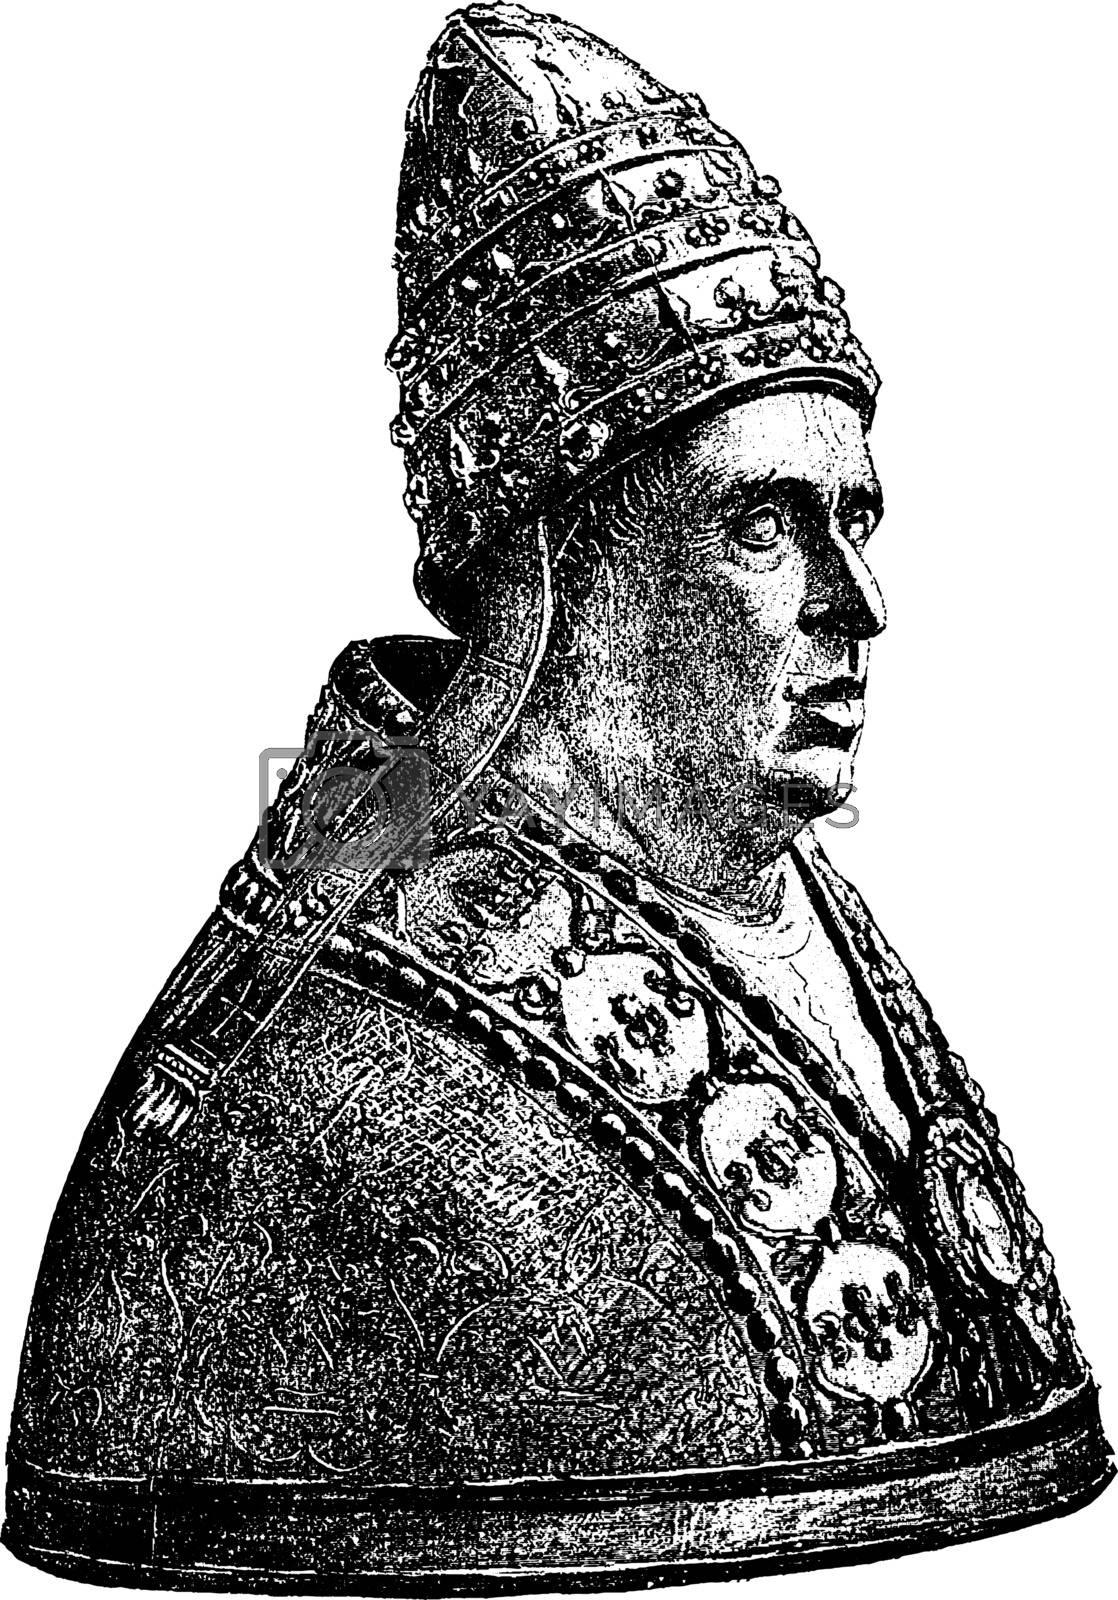 Alexander VI, vintage illustration by Morphart